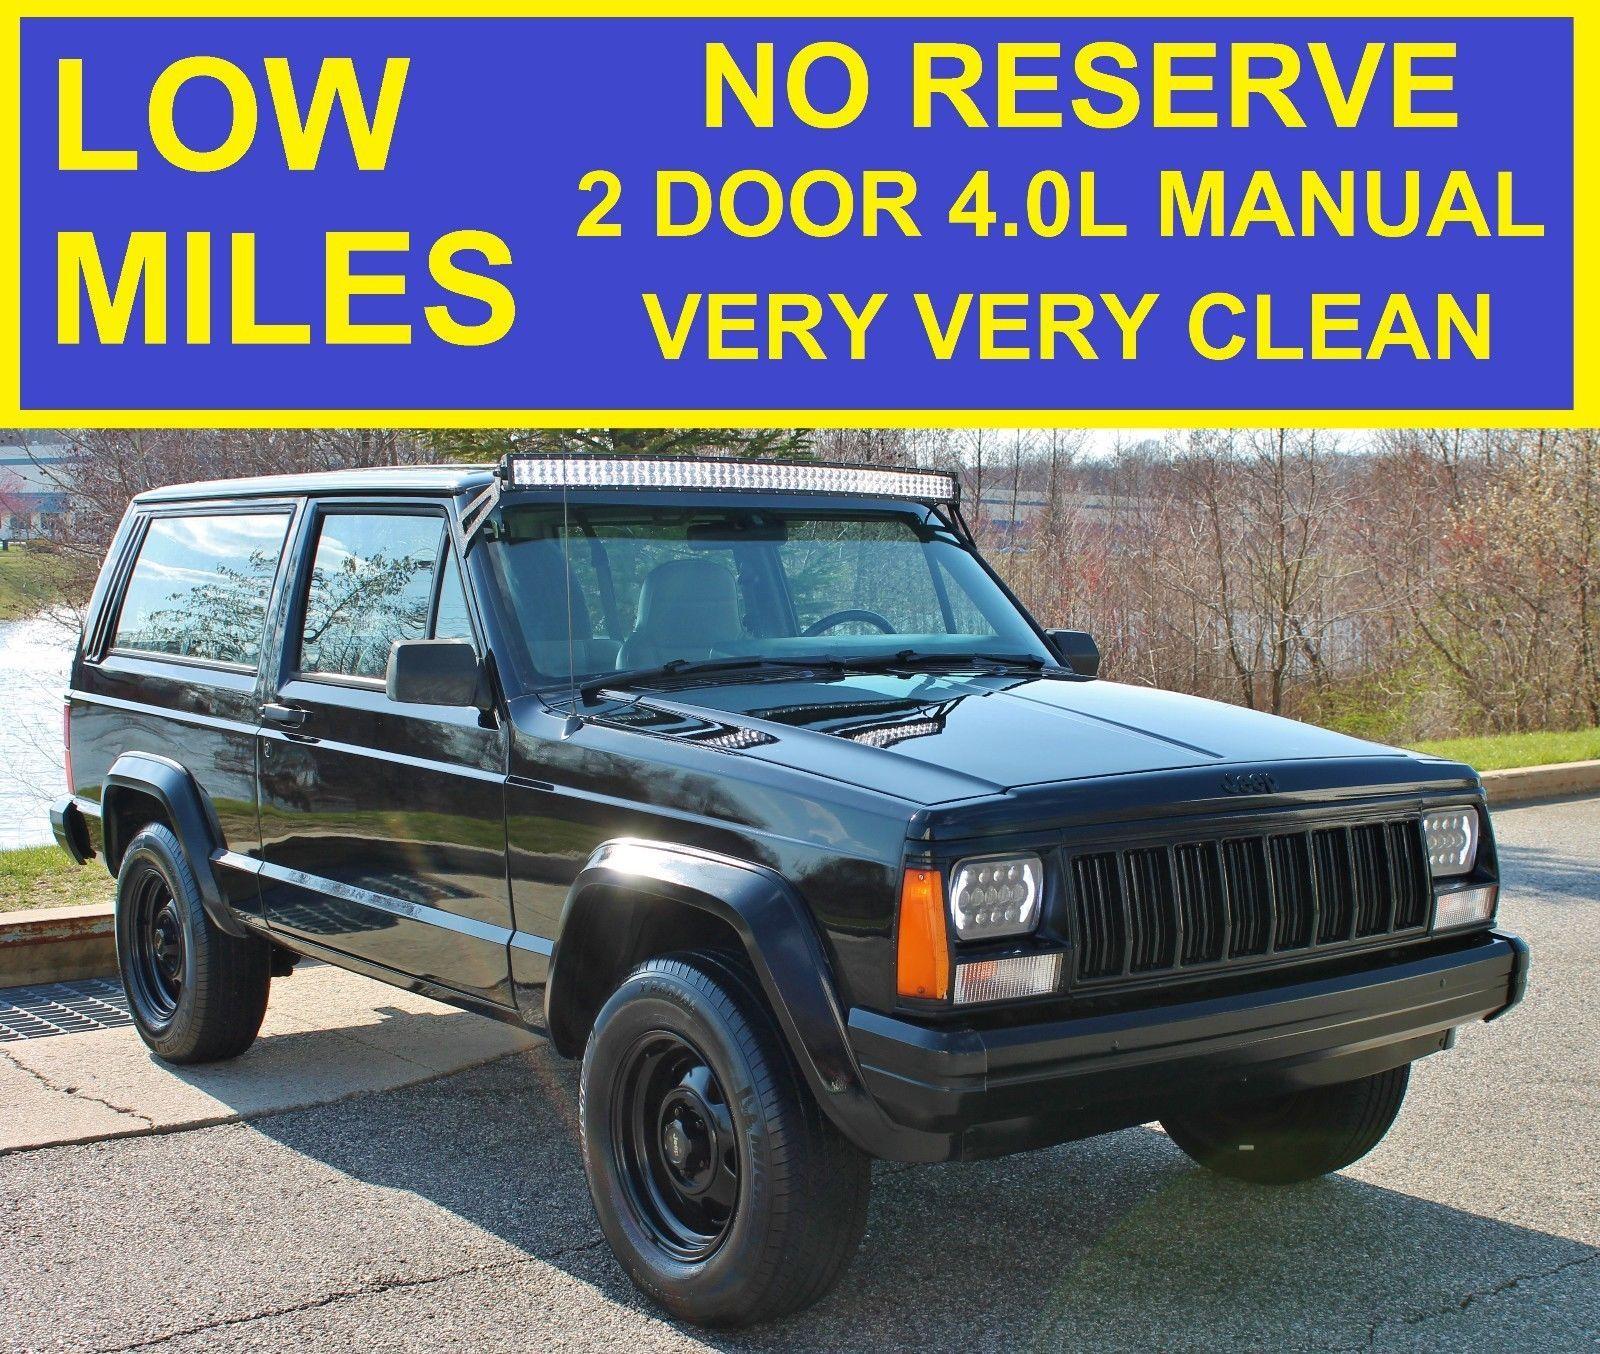 1996 Jeep Cherokee NO RESERVE 2 DOOR MANUAL 4.0L SE XJ STICK NO RESERVE 2